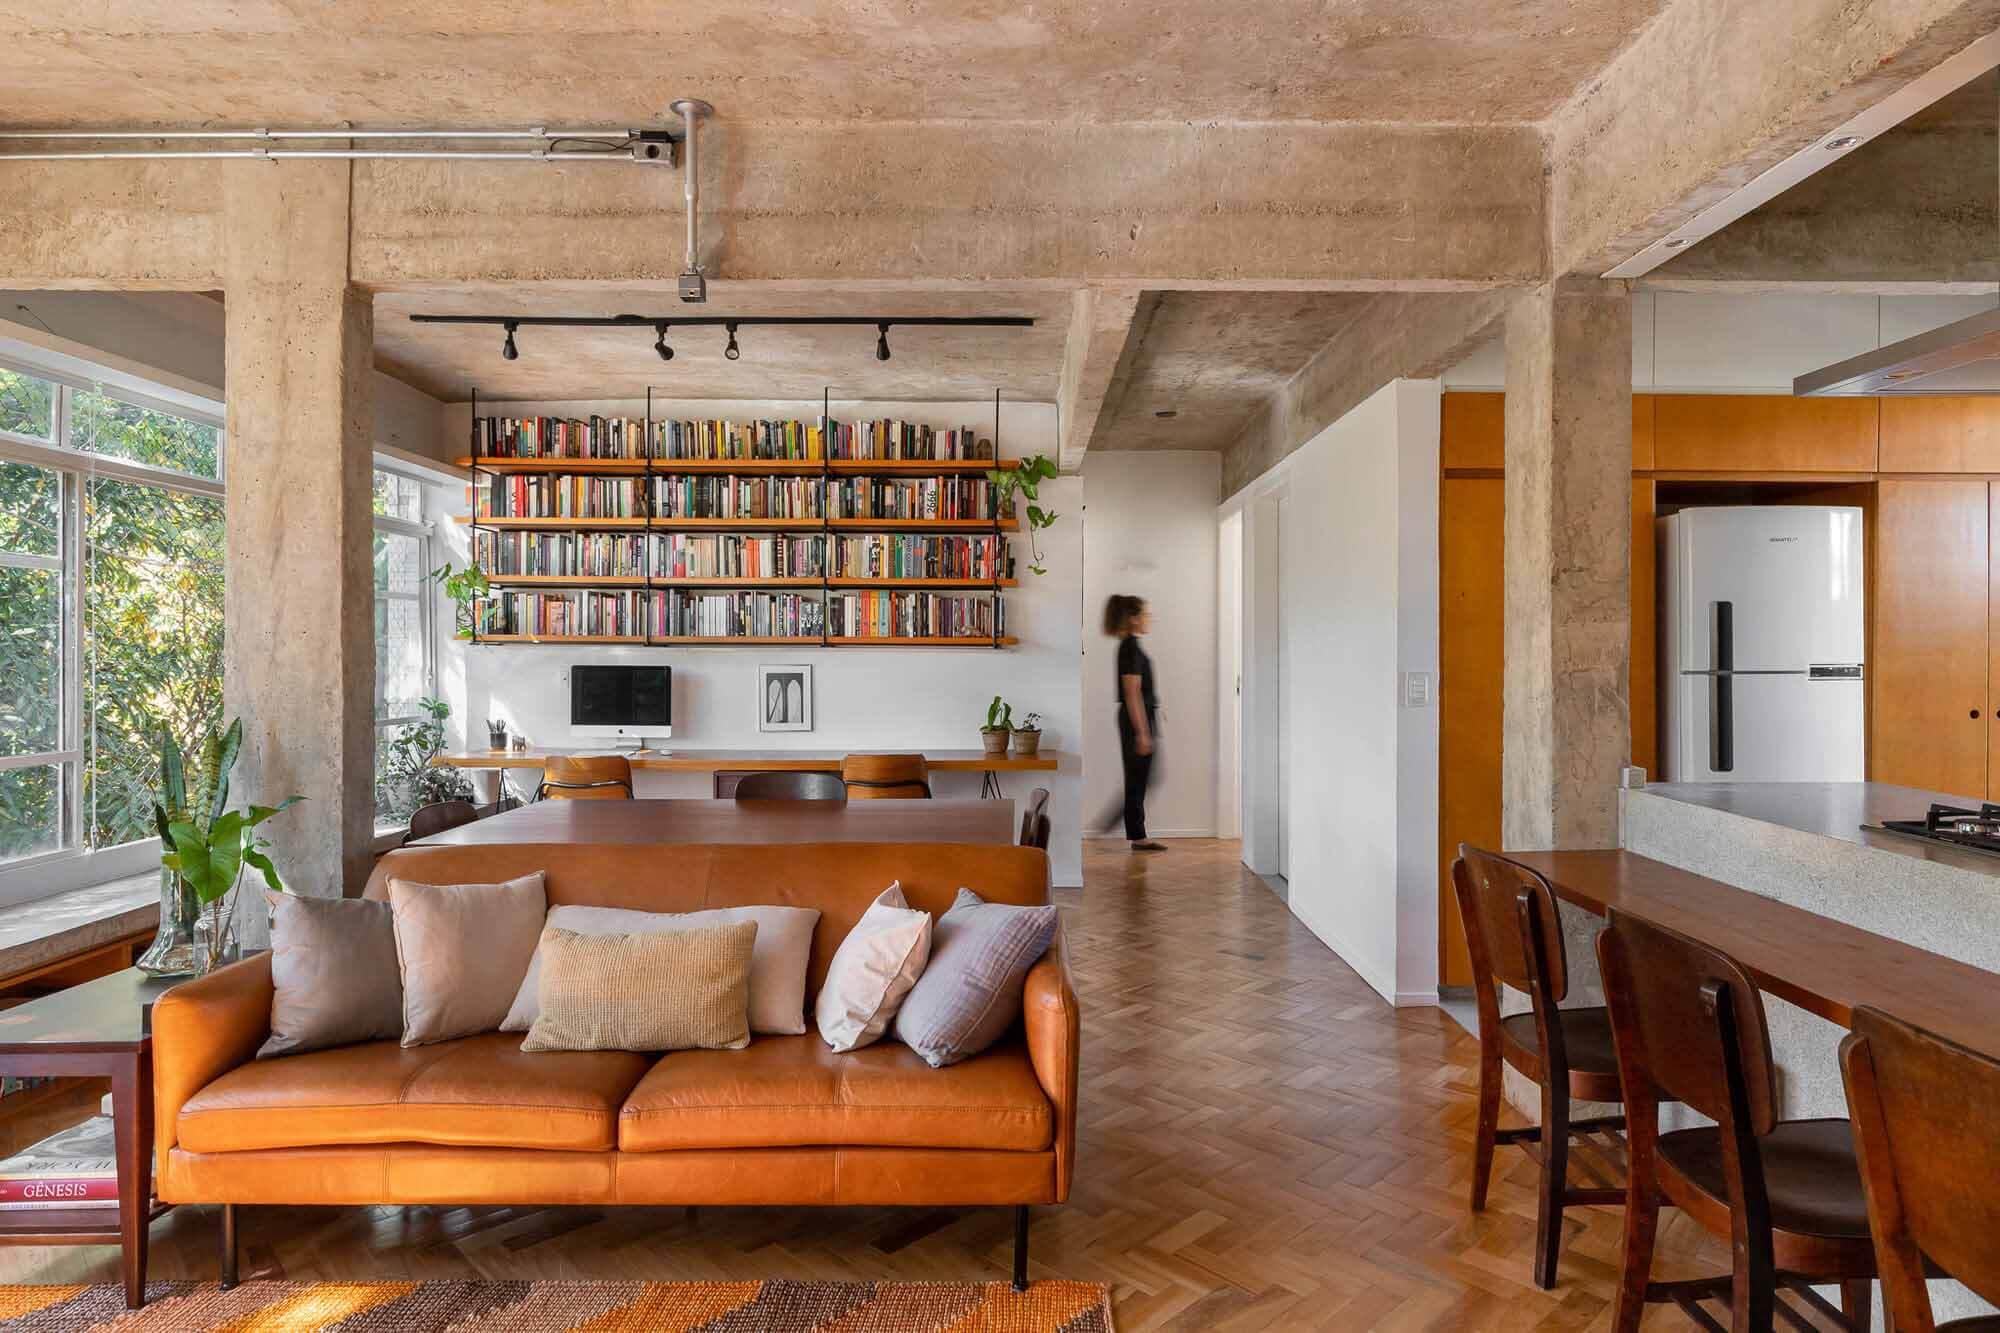 Апартаменты «Роза» / CoDA arquitetos